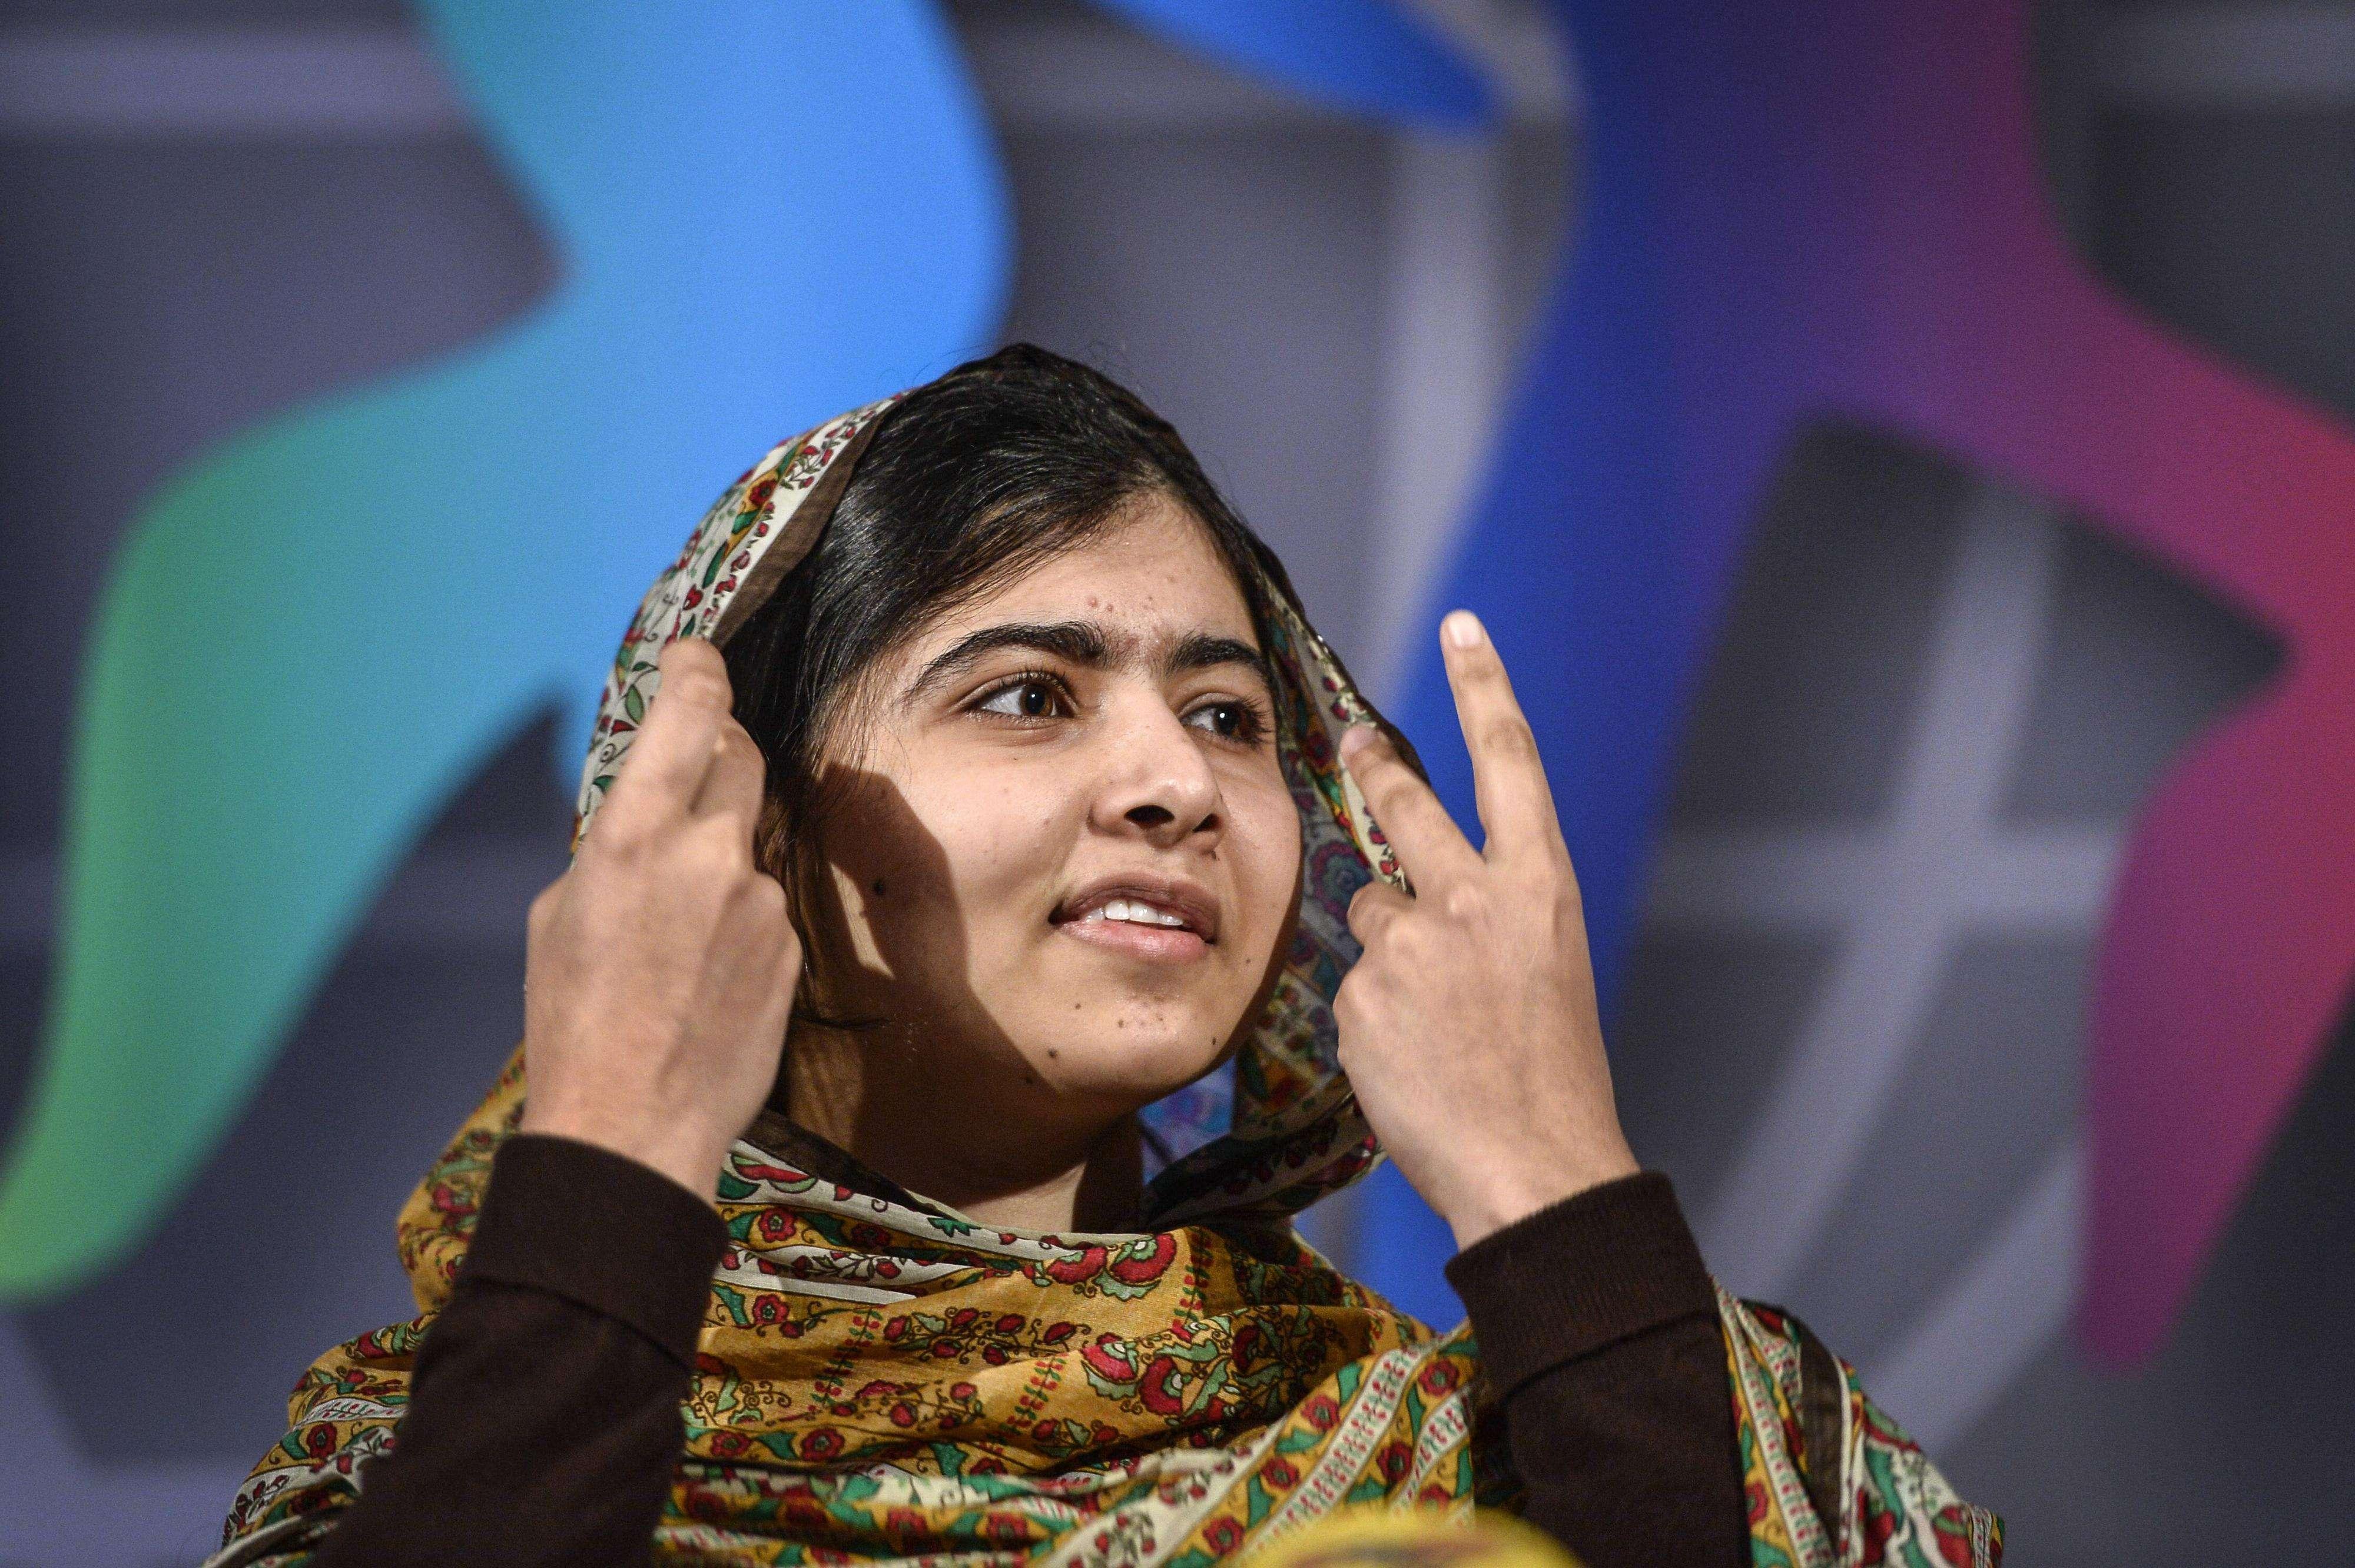 La paquistaní de 17 años de edad anunció la donación al recibir el premio en Mariefred, al sur de Estocolmo. Foto: AP en español